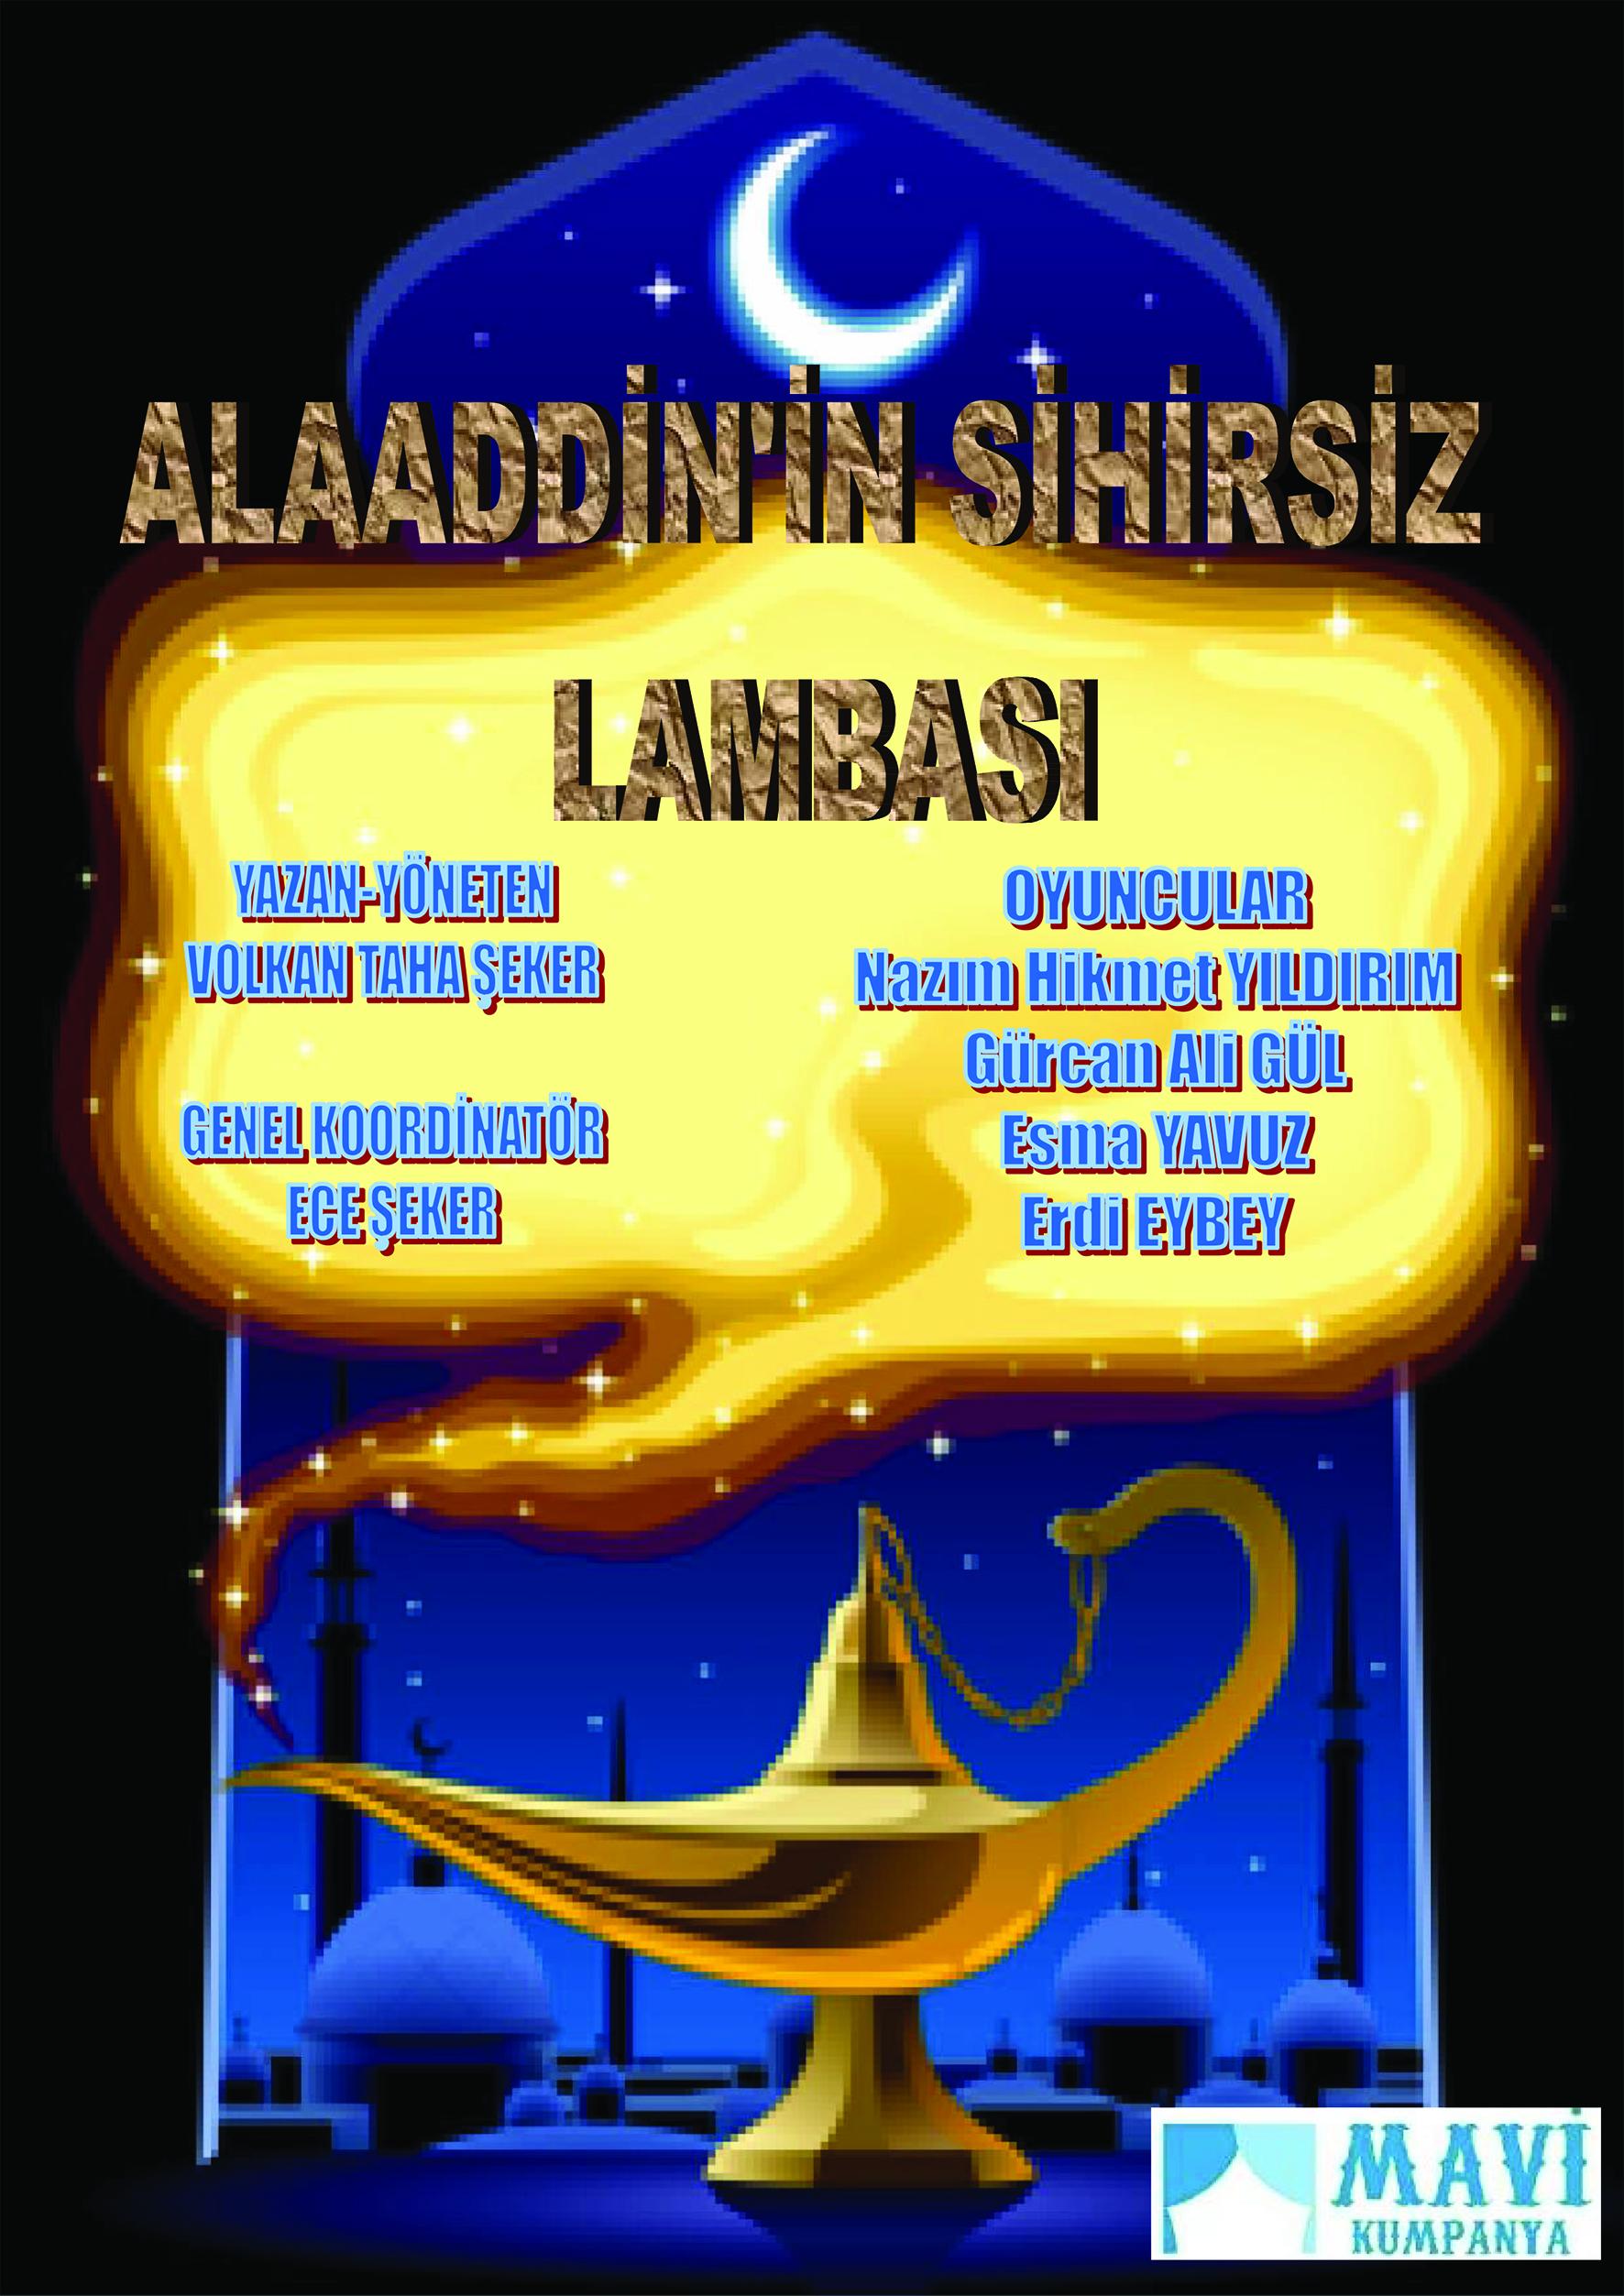 ALAADDİN'İN SİHİRSİZ LAMBASI